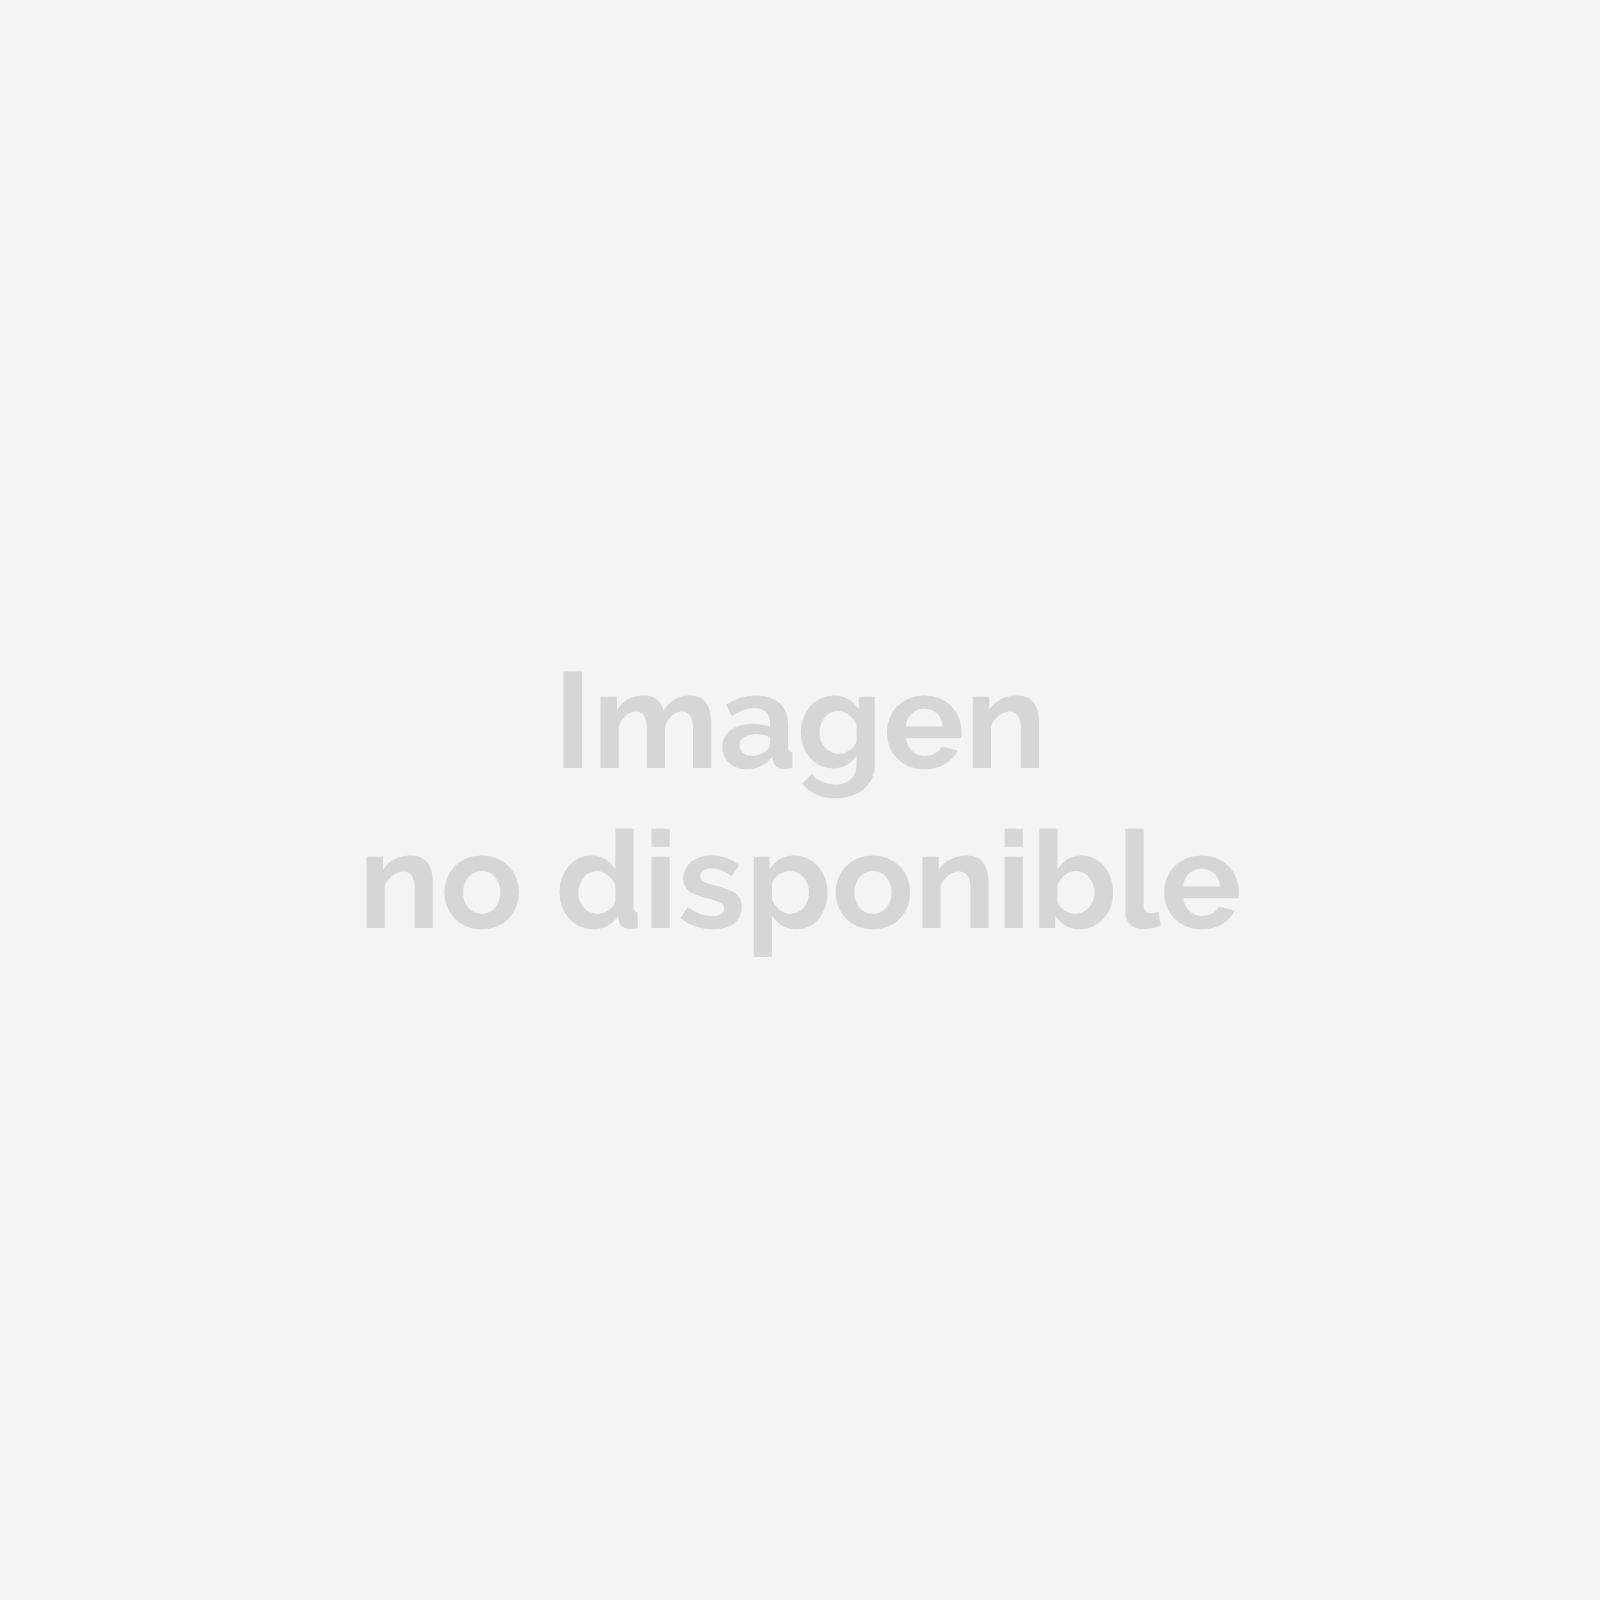 Colombia Cafetera Aluminio 12 tz